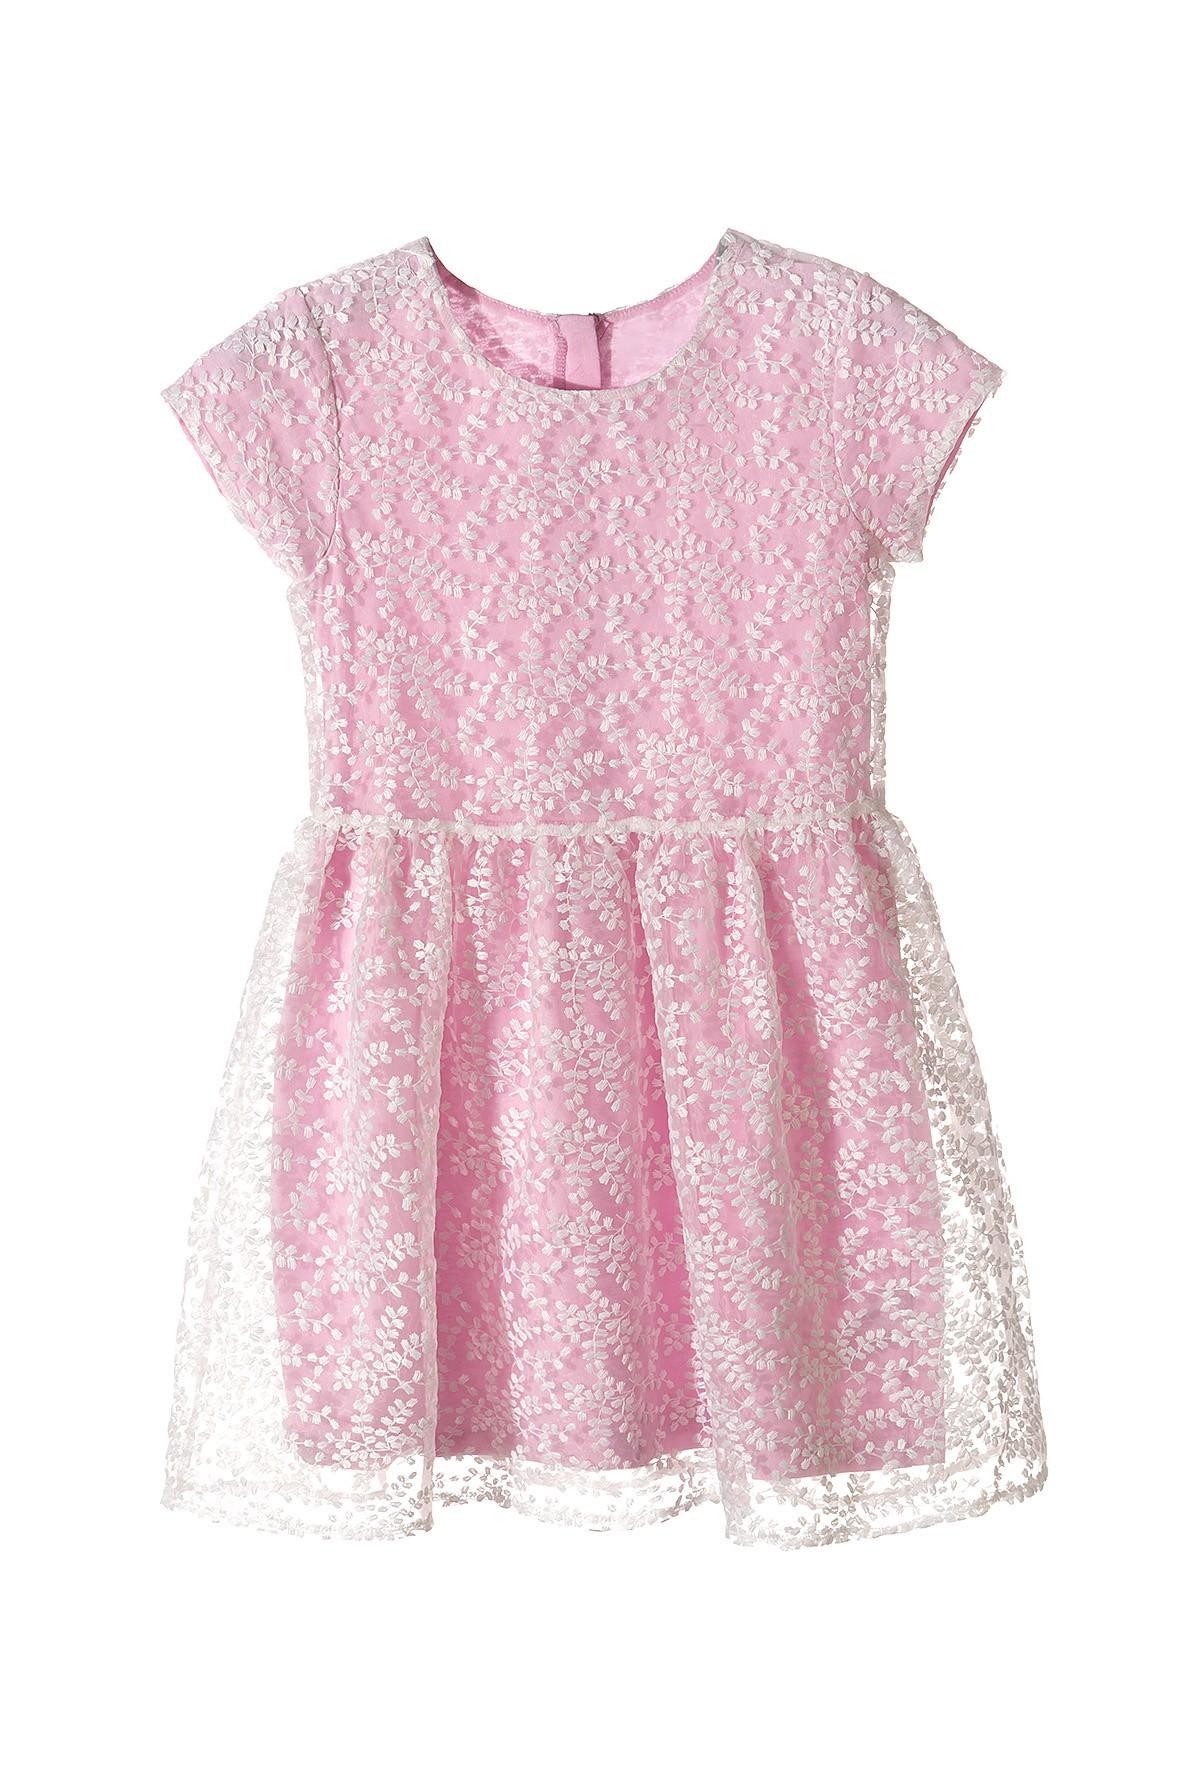 a87af6d3fe Sukienka dla dziewczynki na specjalne okazje-eleganckie ubrania dla ...